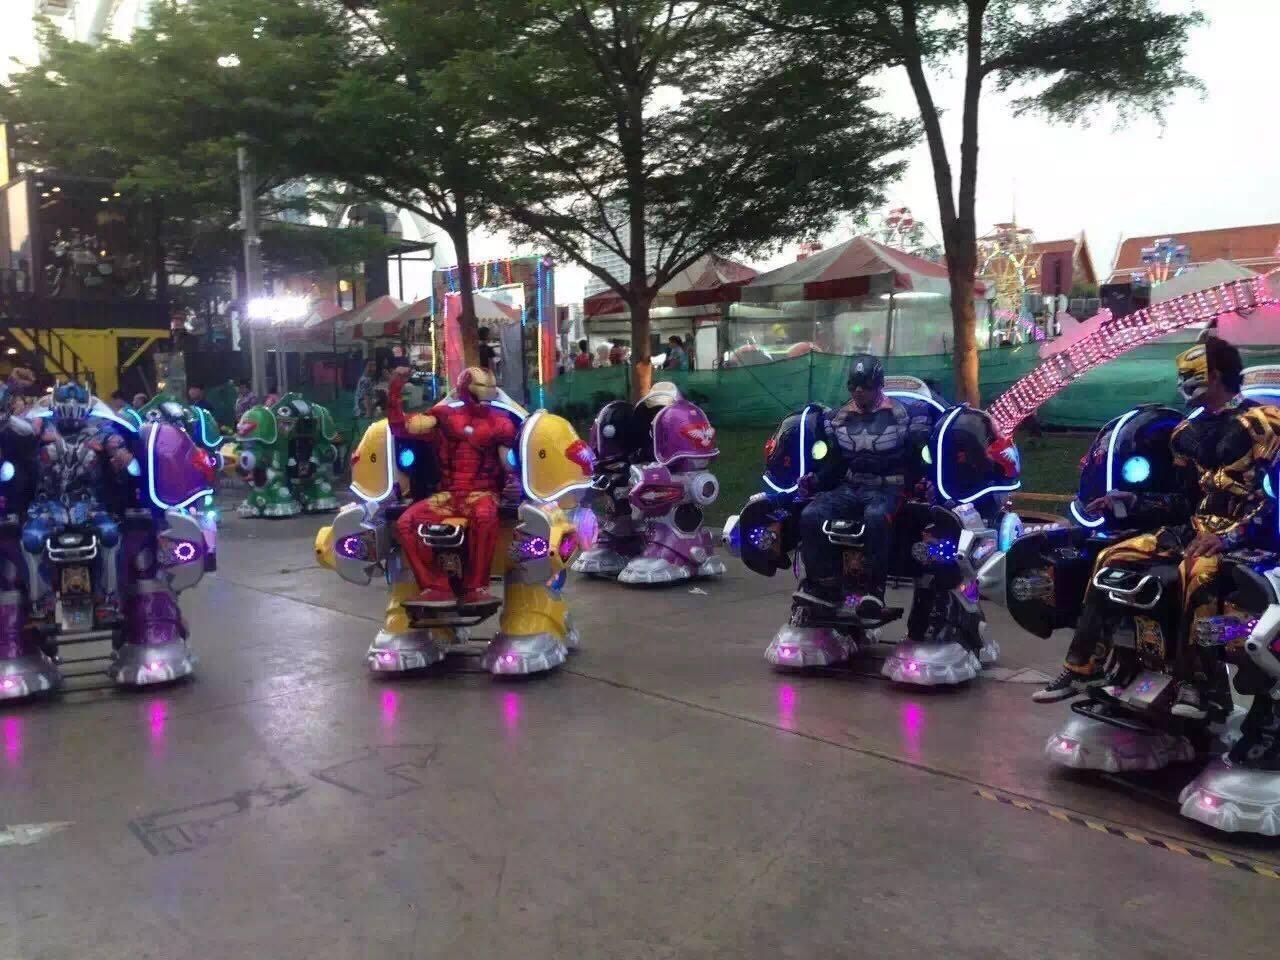 大洋广场小投资项目机器人战火金刚游乐设备 广场行走可乐侠机器人示例图5